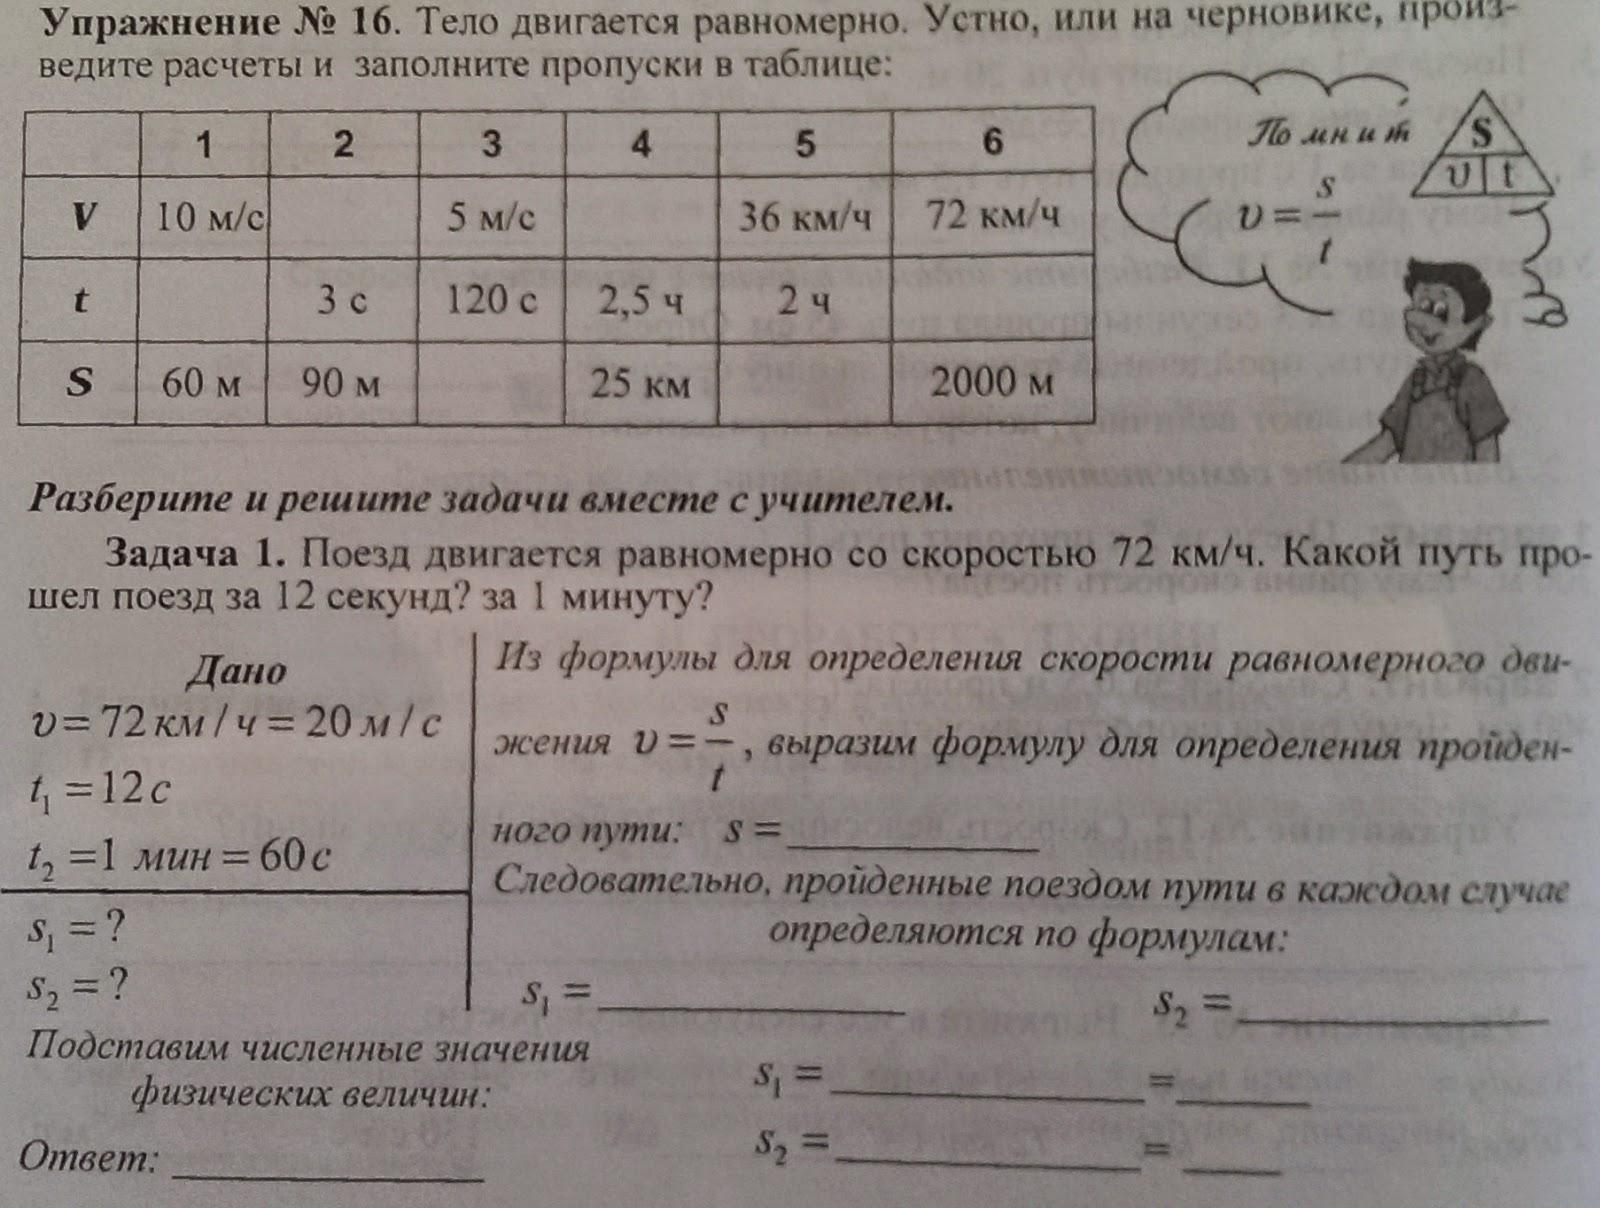 решебник по физике 8 класс ф.я божинова о.о. кирюхина